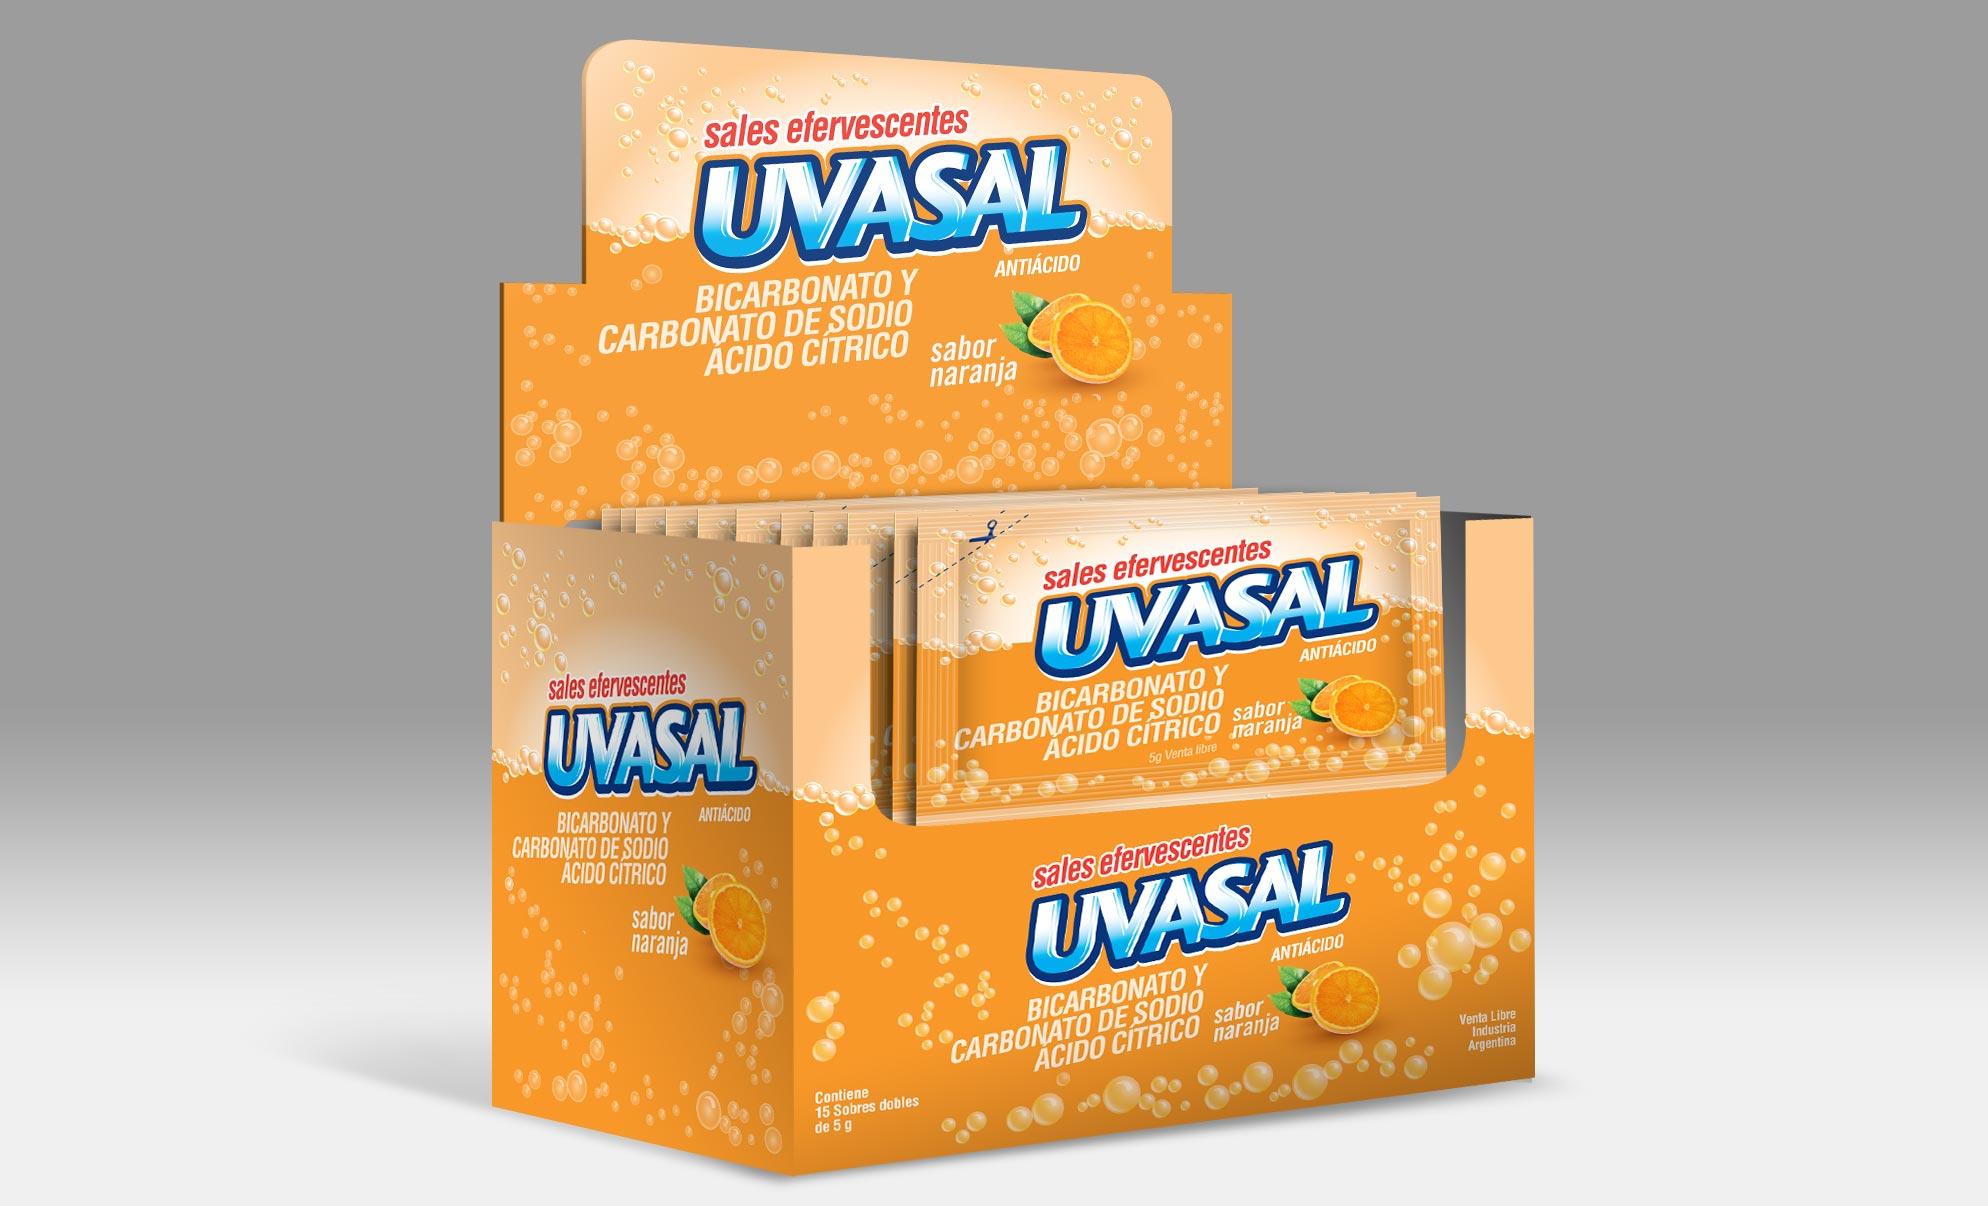 Glaxosmithkline Uvasal POP Packaging Naranja